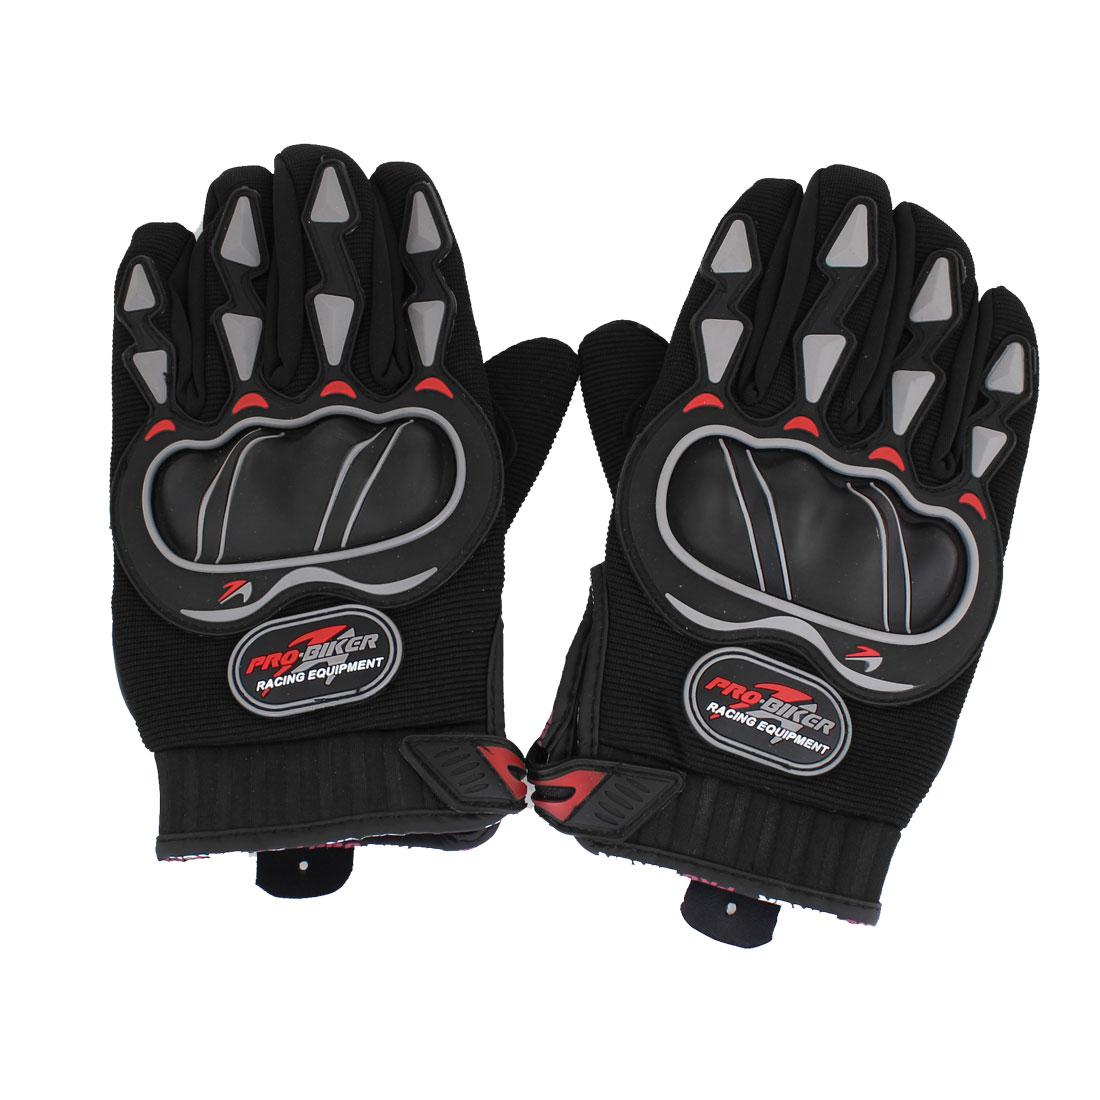 Pair Black Antislip Palm Design Full Finger Motorcycle Sports Gloves for Man